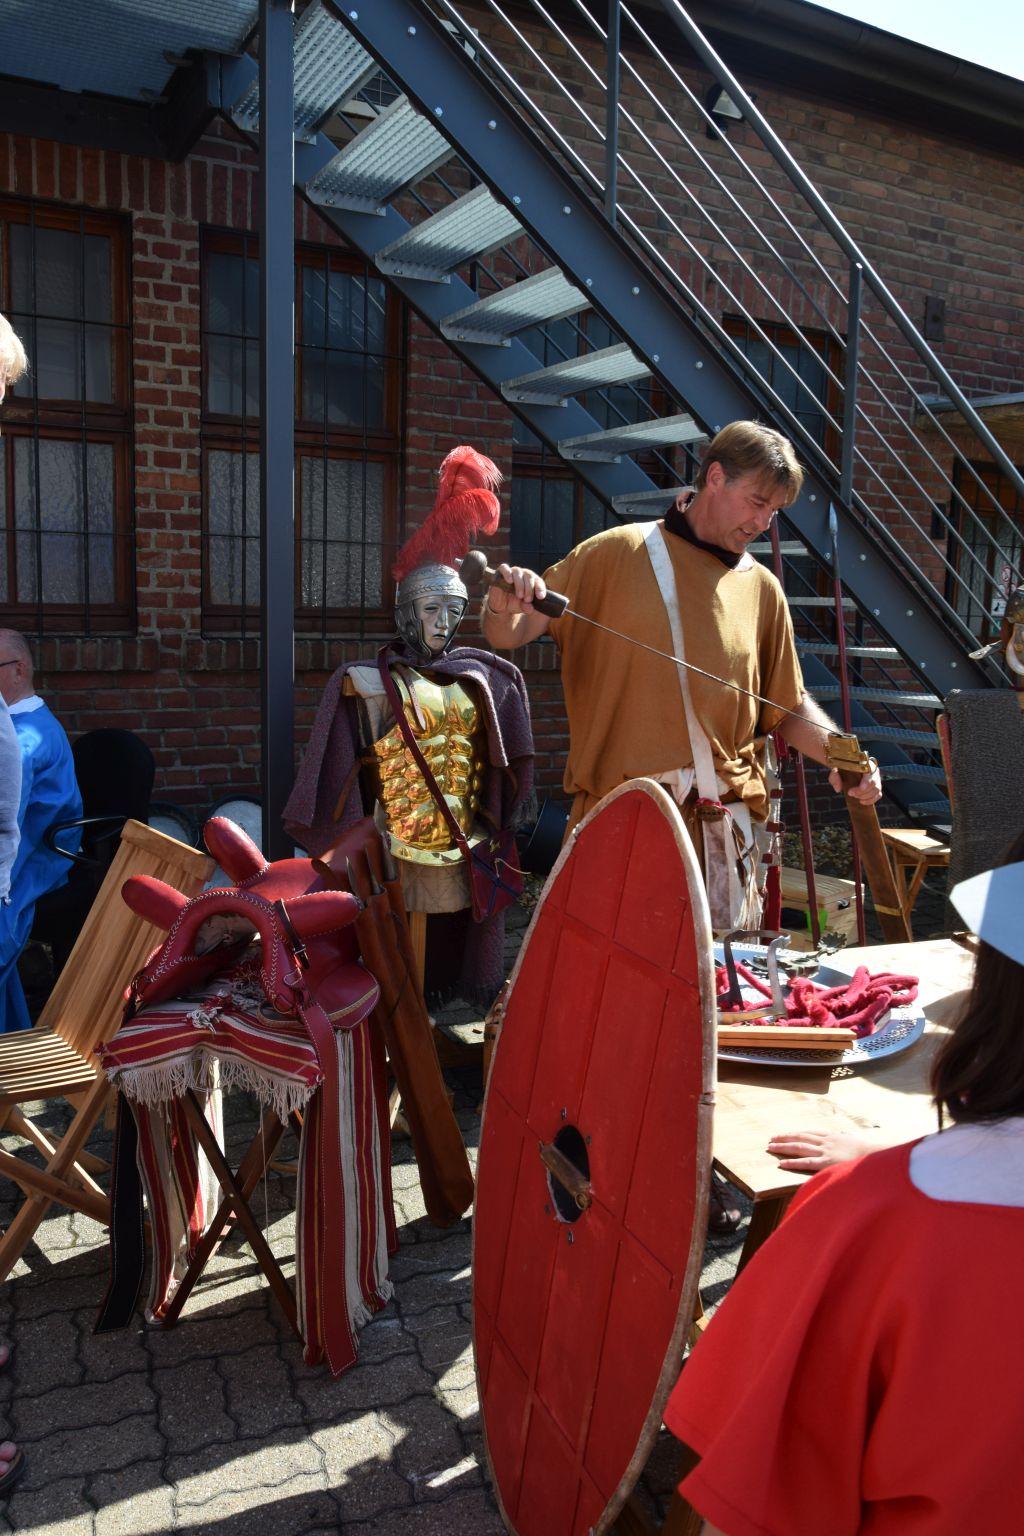 Der römische Reiter zeigt und erklärt seine Ausrüstung